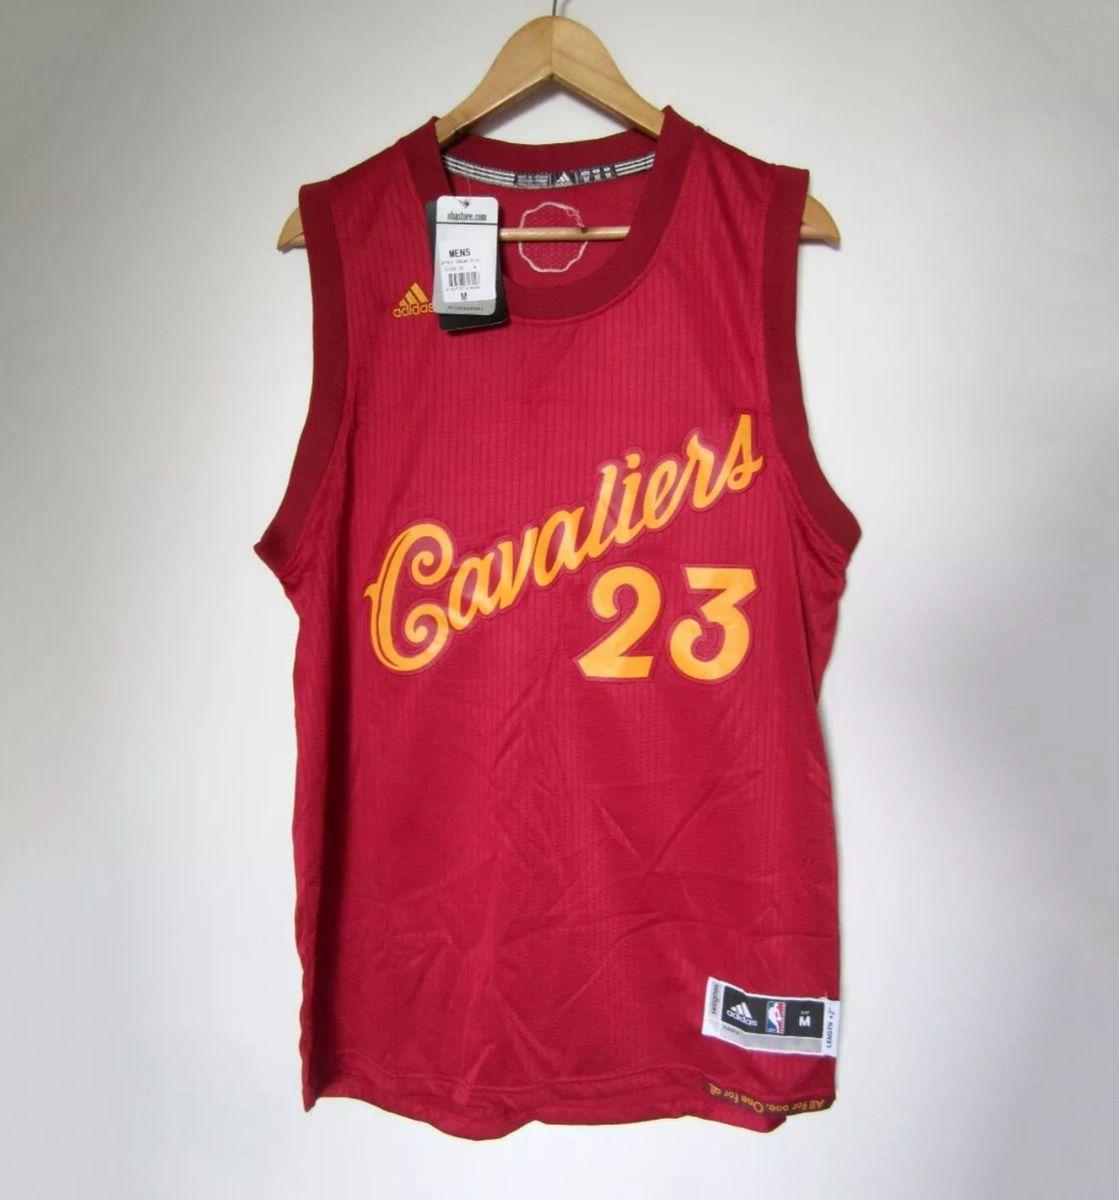 Motear Pirata Estación de policía  Camisa Nba Lebron James #23 Cleveland Cavaliers Natal Regata | Camisa  Masculina Adidas Nunca Usado 24282268 | enjoei